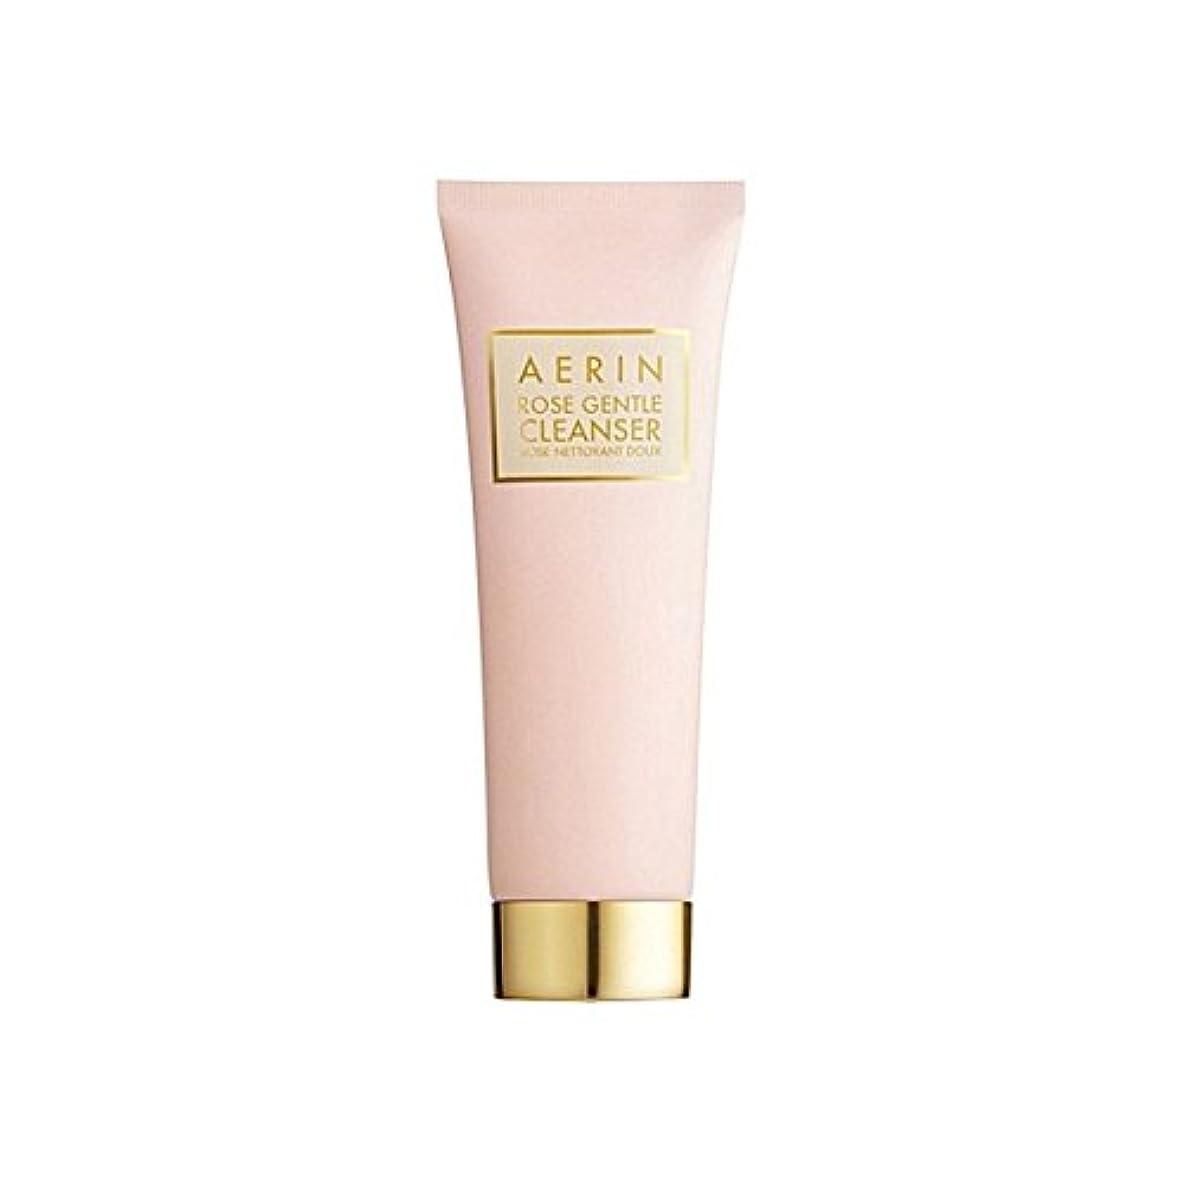 気楽なカロリー業界Aerin Rose Gentle Cleanser 125ml - はジェントルクレンザーの125ミリリットルをバラ [並行輸入品]